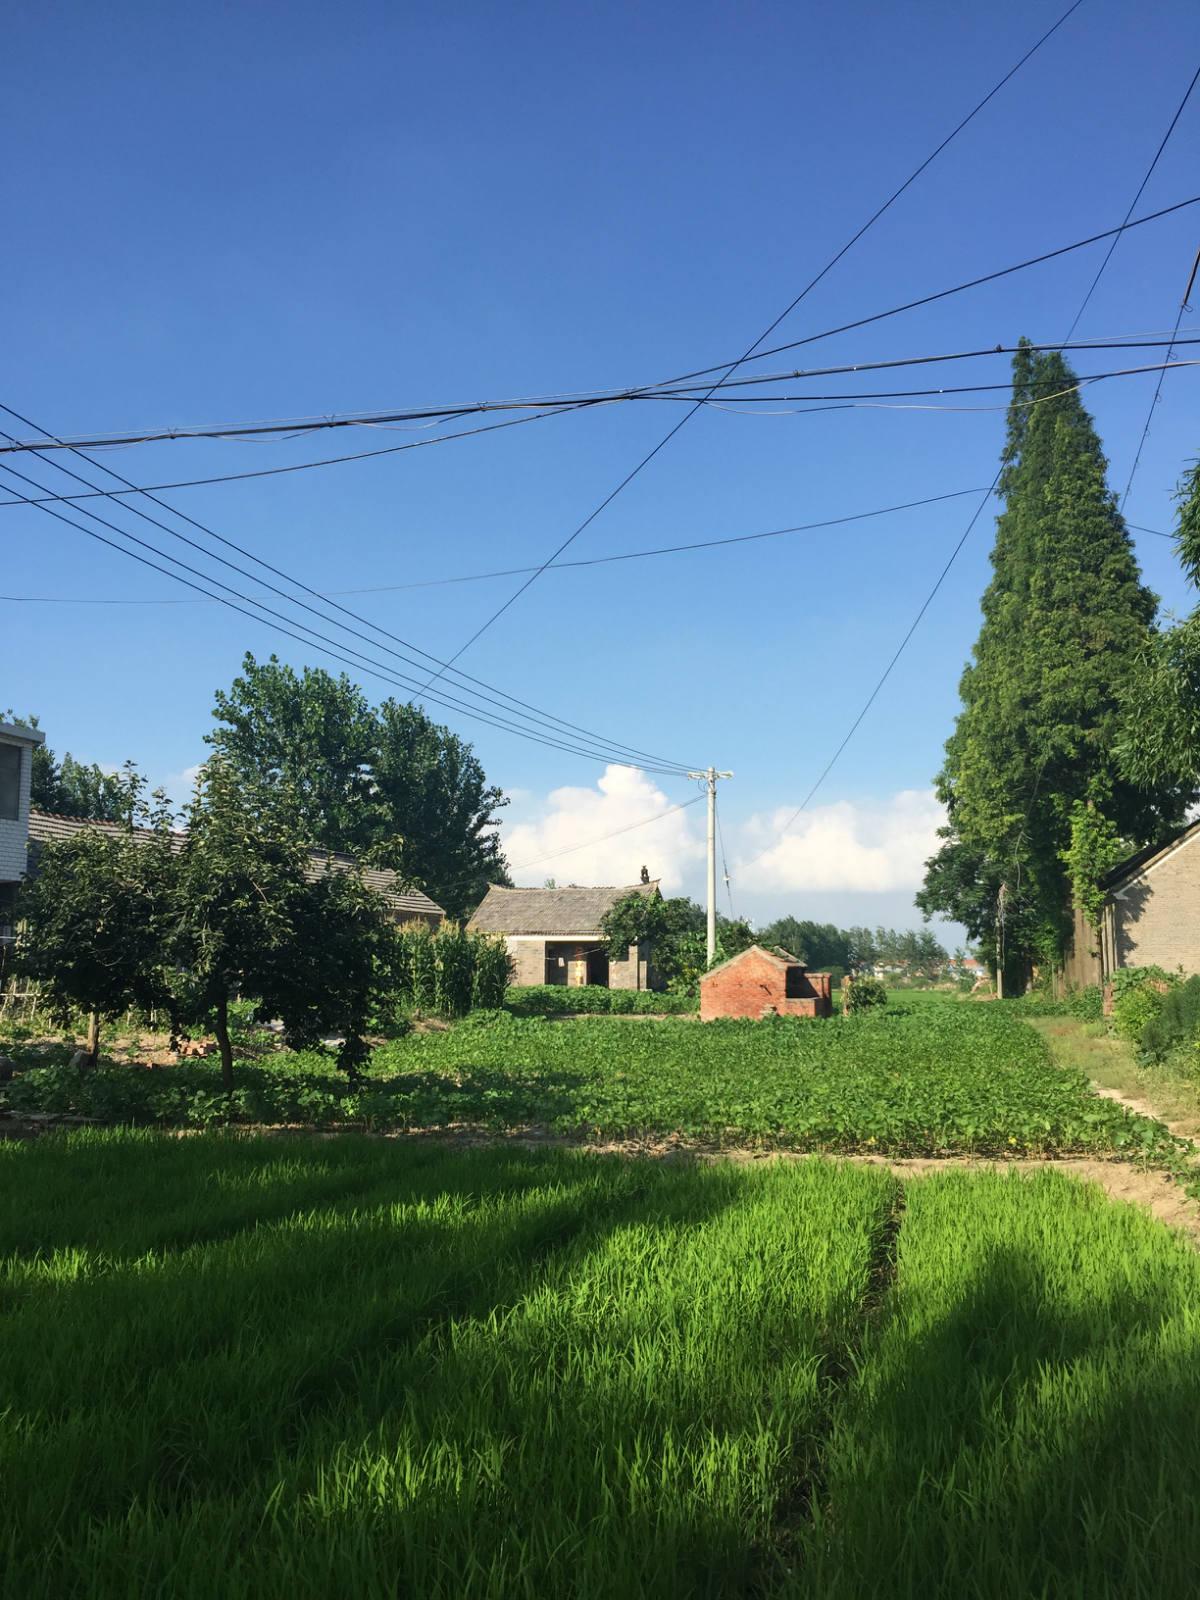 0乡村风景很美,多年来留守老人多以务农为生_meitu_3